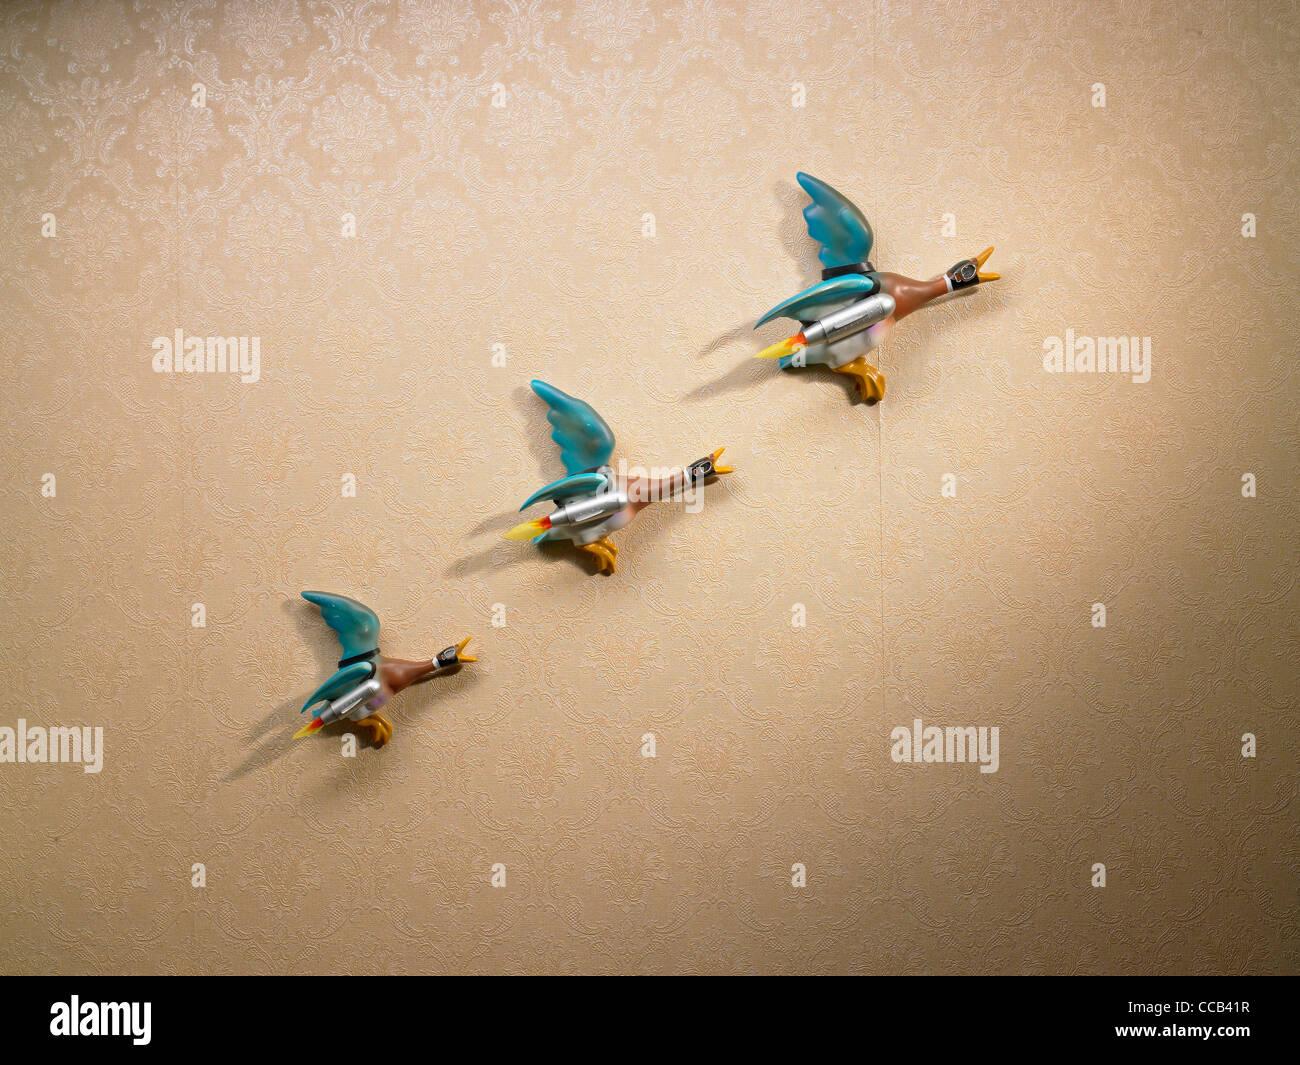 Une ligne de canards fusée propulsée sur le mur Photo Stock